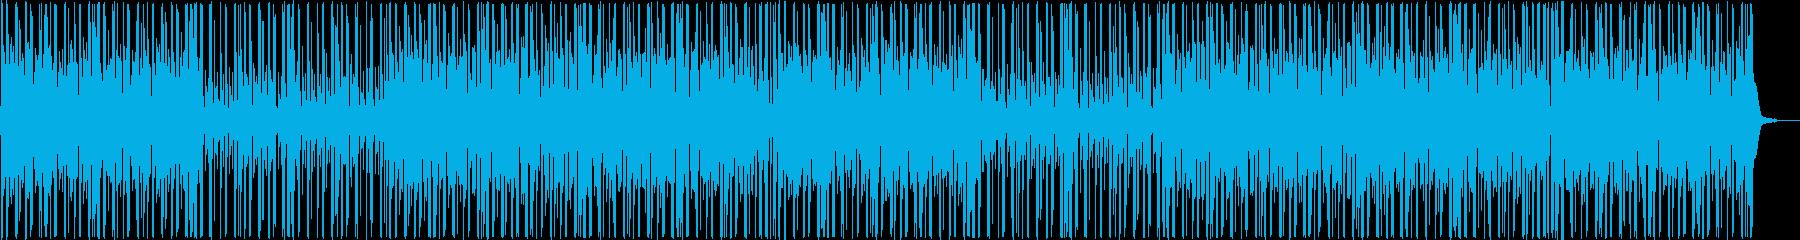 綺麗なピアノのLo-Fi Hip-Hopの再生済みの波形